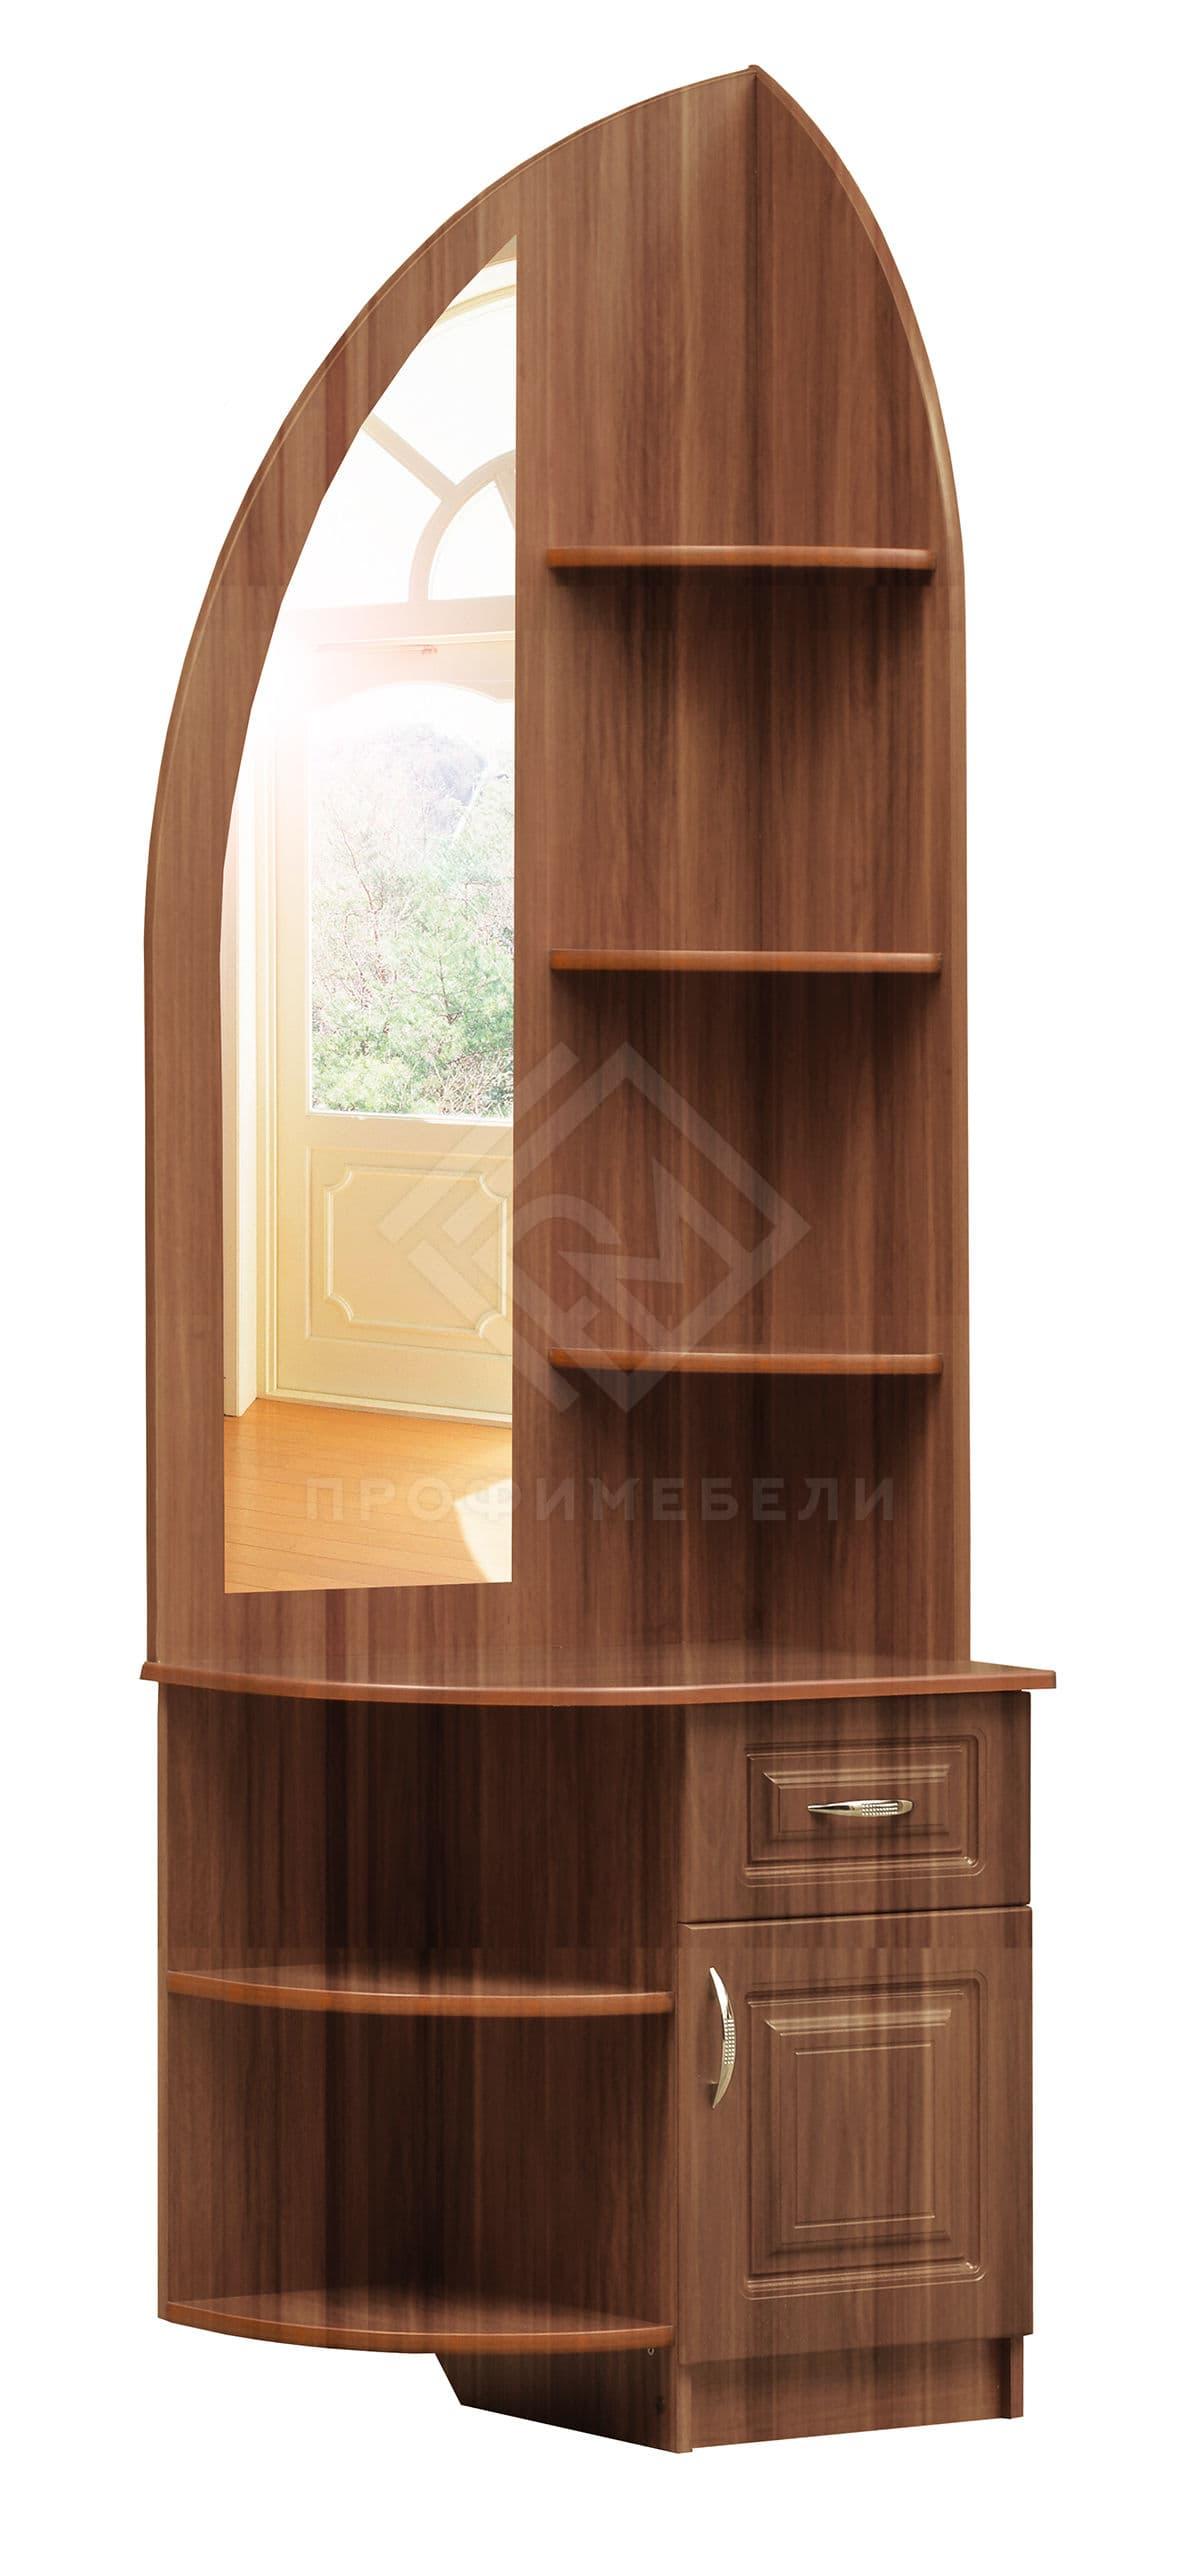 Модульная прихожая визит профи плюс в санкт-петербурге мебел.